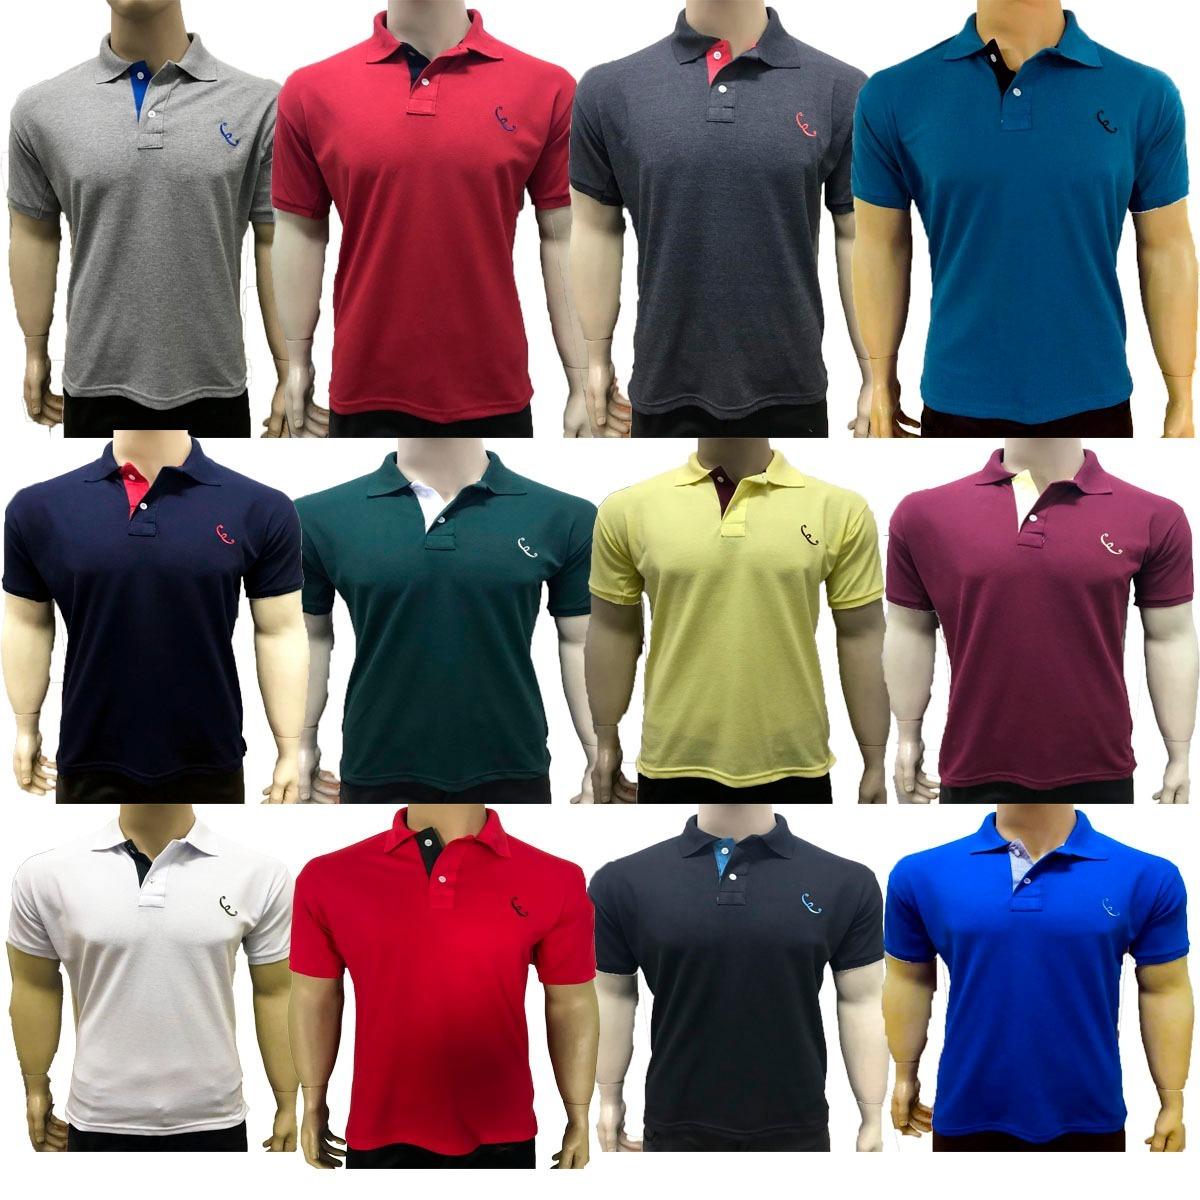 kit 10 camisas polo masculina varias marcas atacado promoção. Carregando  zoom. 8d760fe9f6931